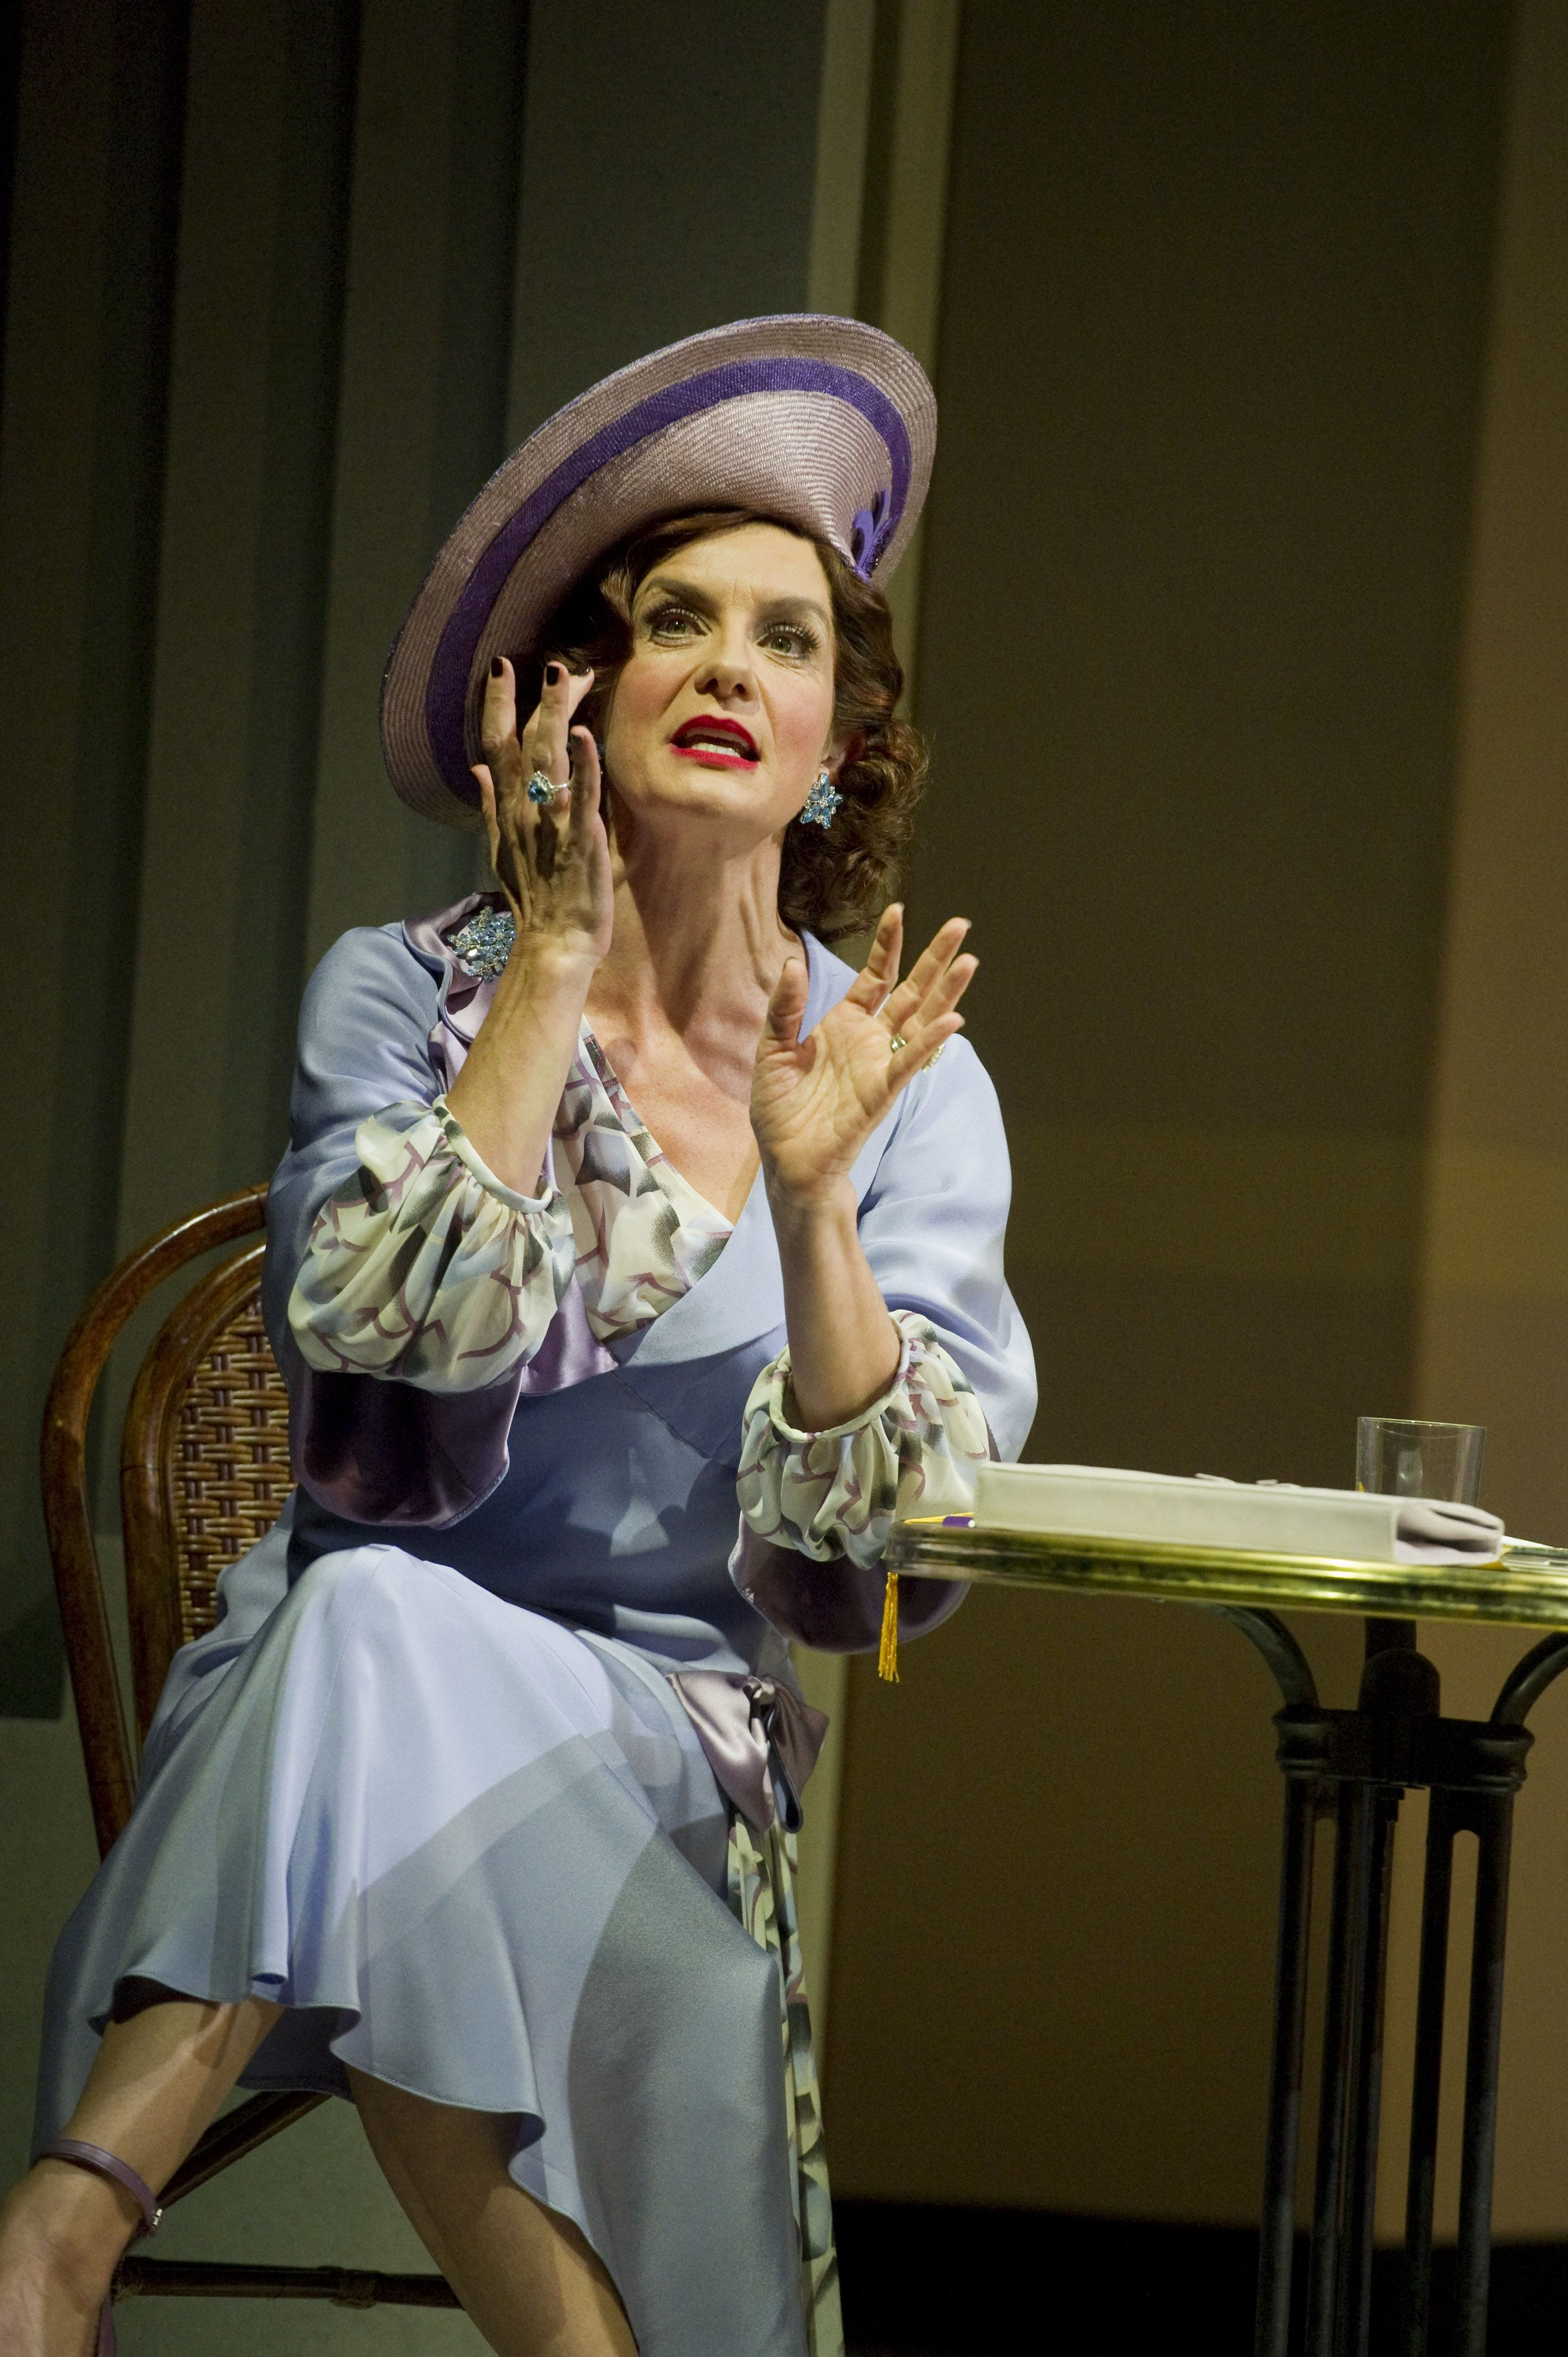 Vivien Parry as Madge Hardwick Fashion, Top hat, Tops